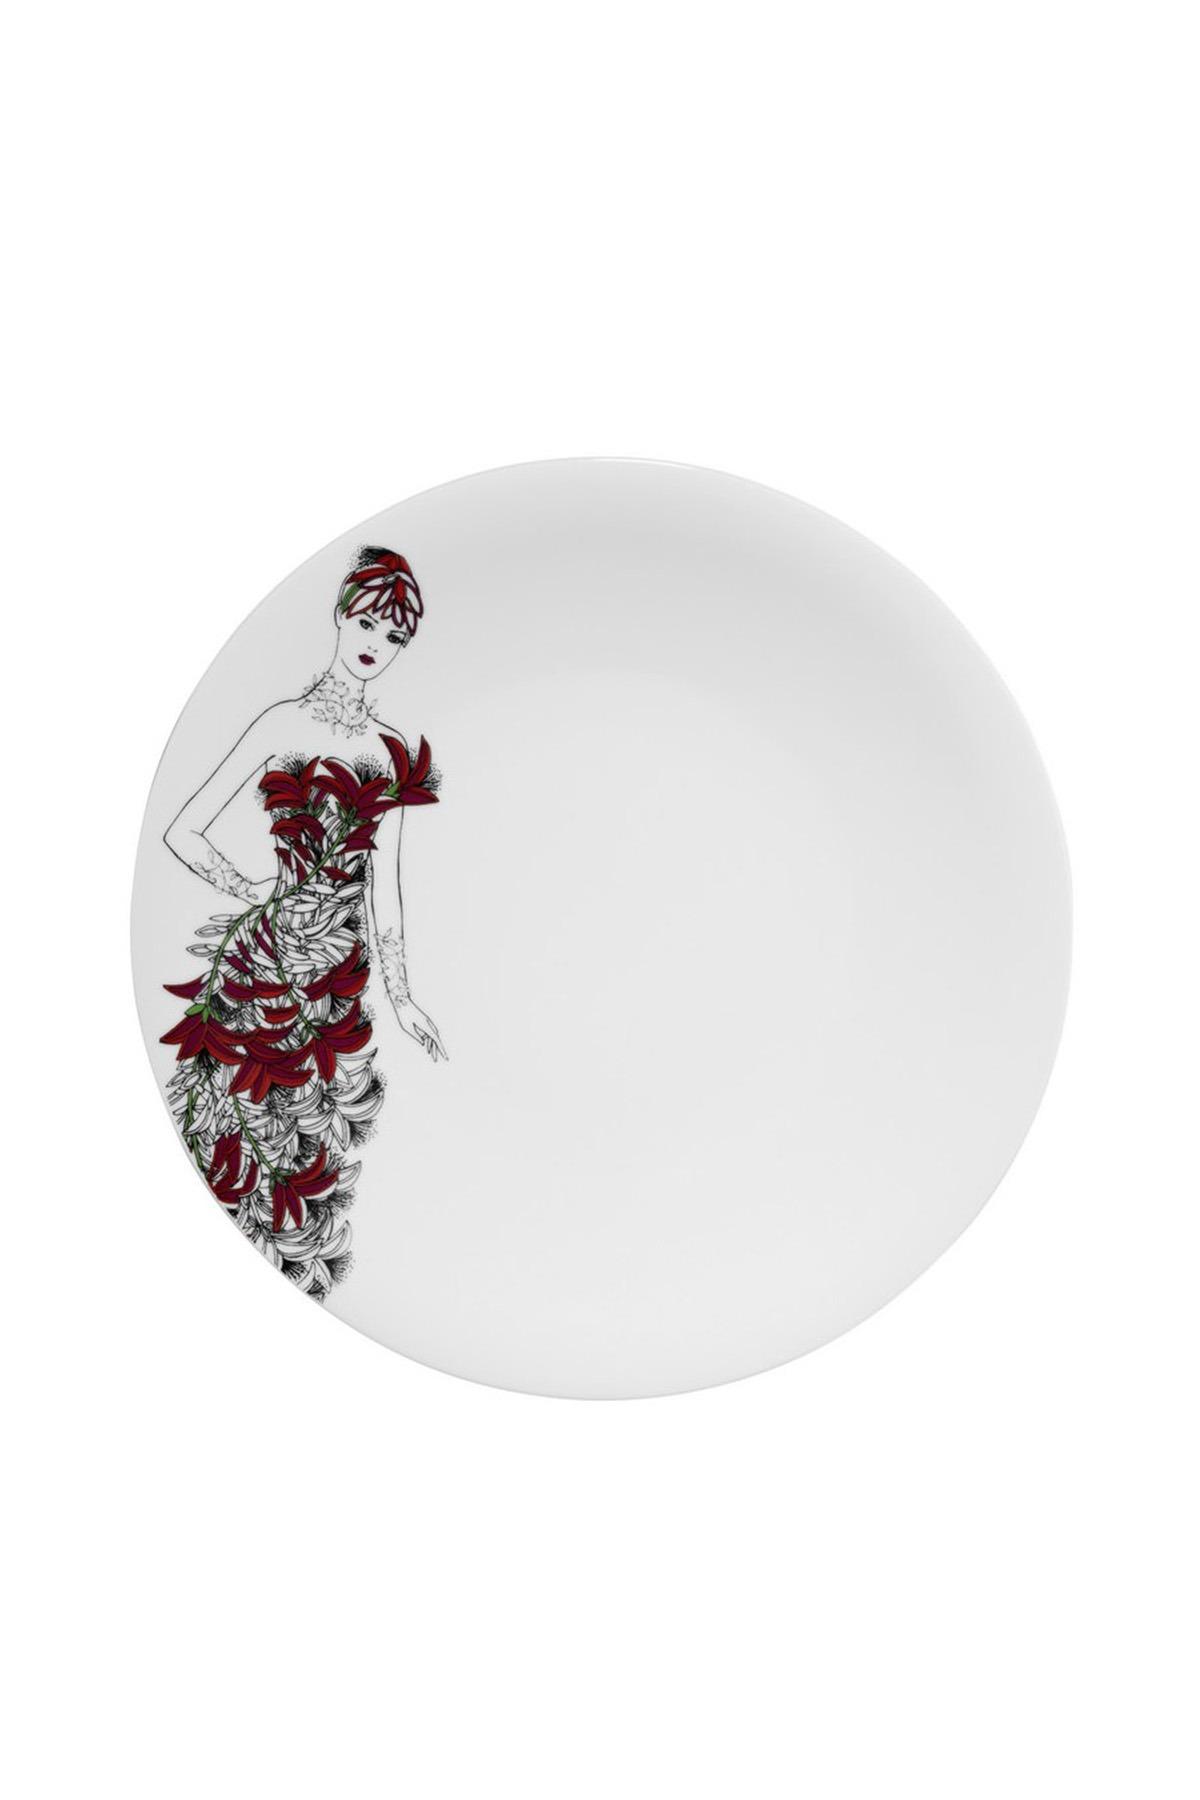 Kütahya Porselen - Kütahya Porselen Kadınlarım Serisi 9445 Desen Servis Tabağı